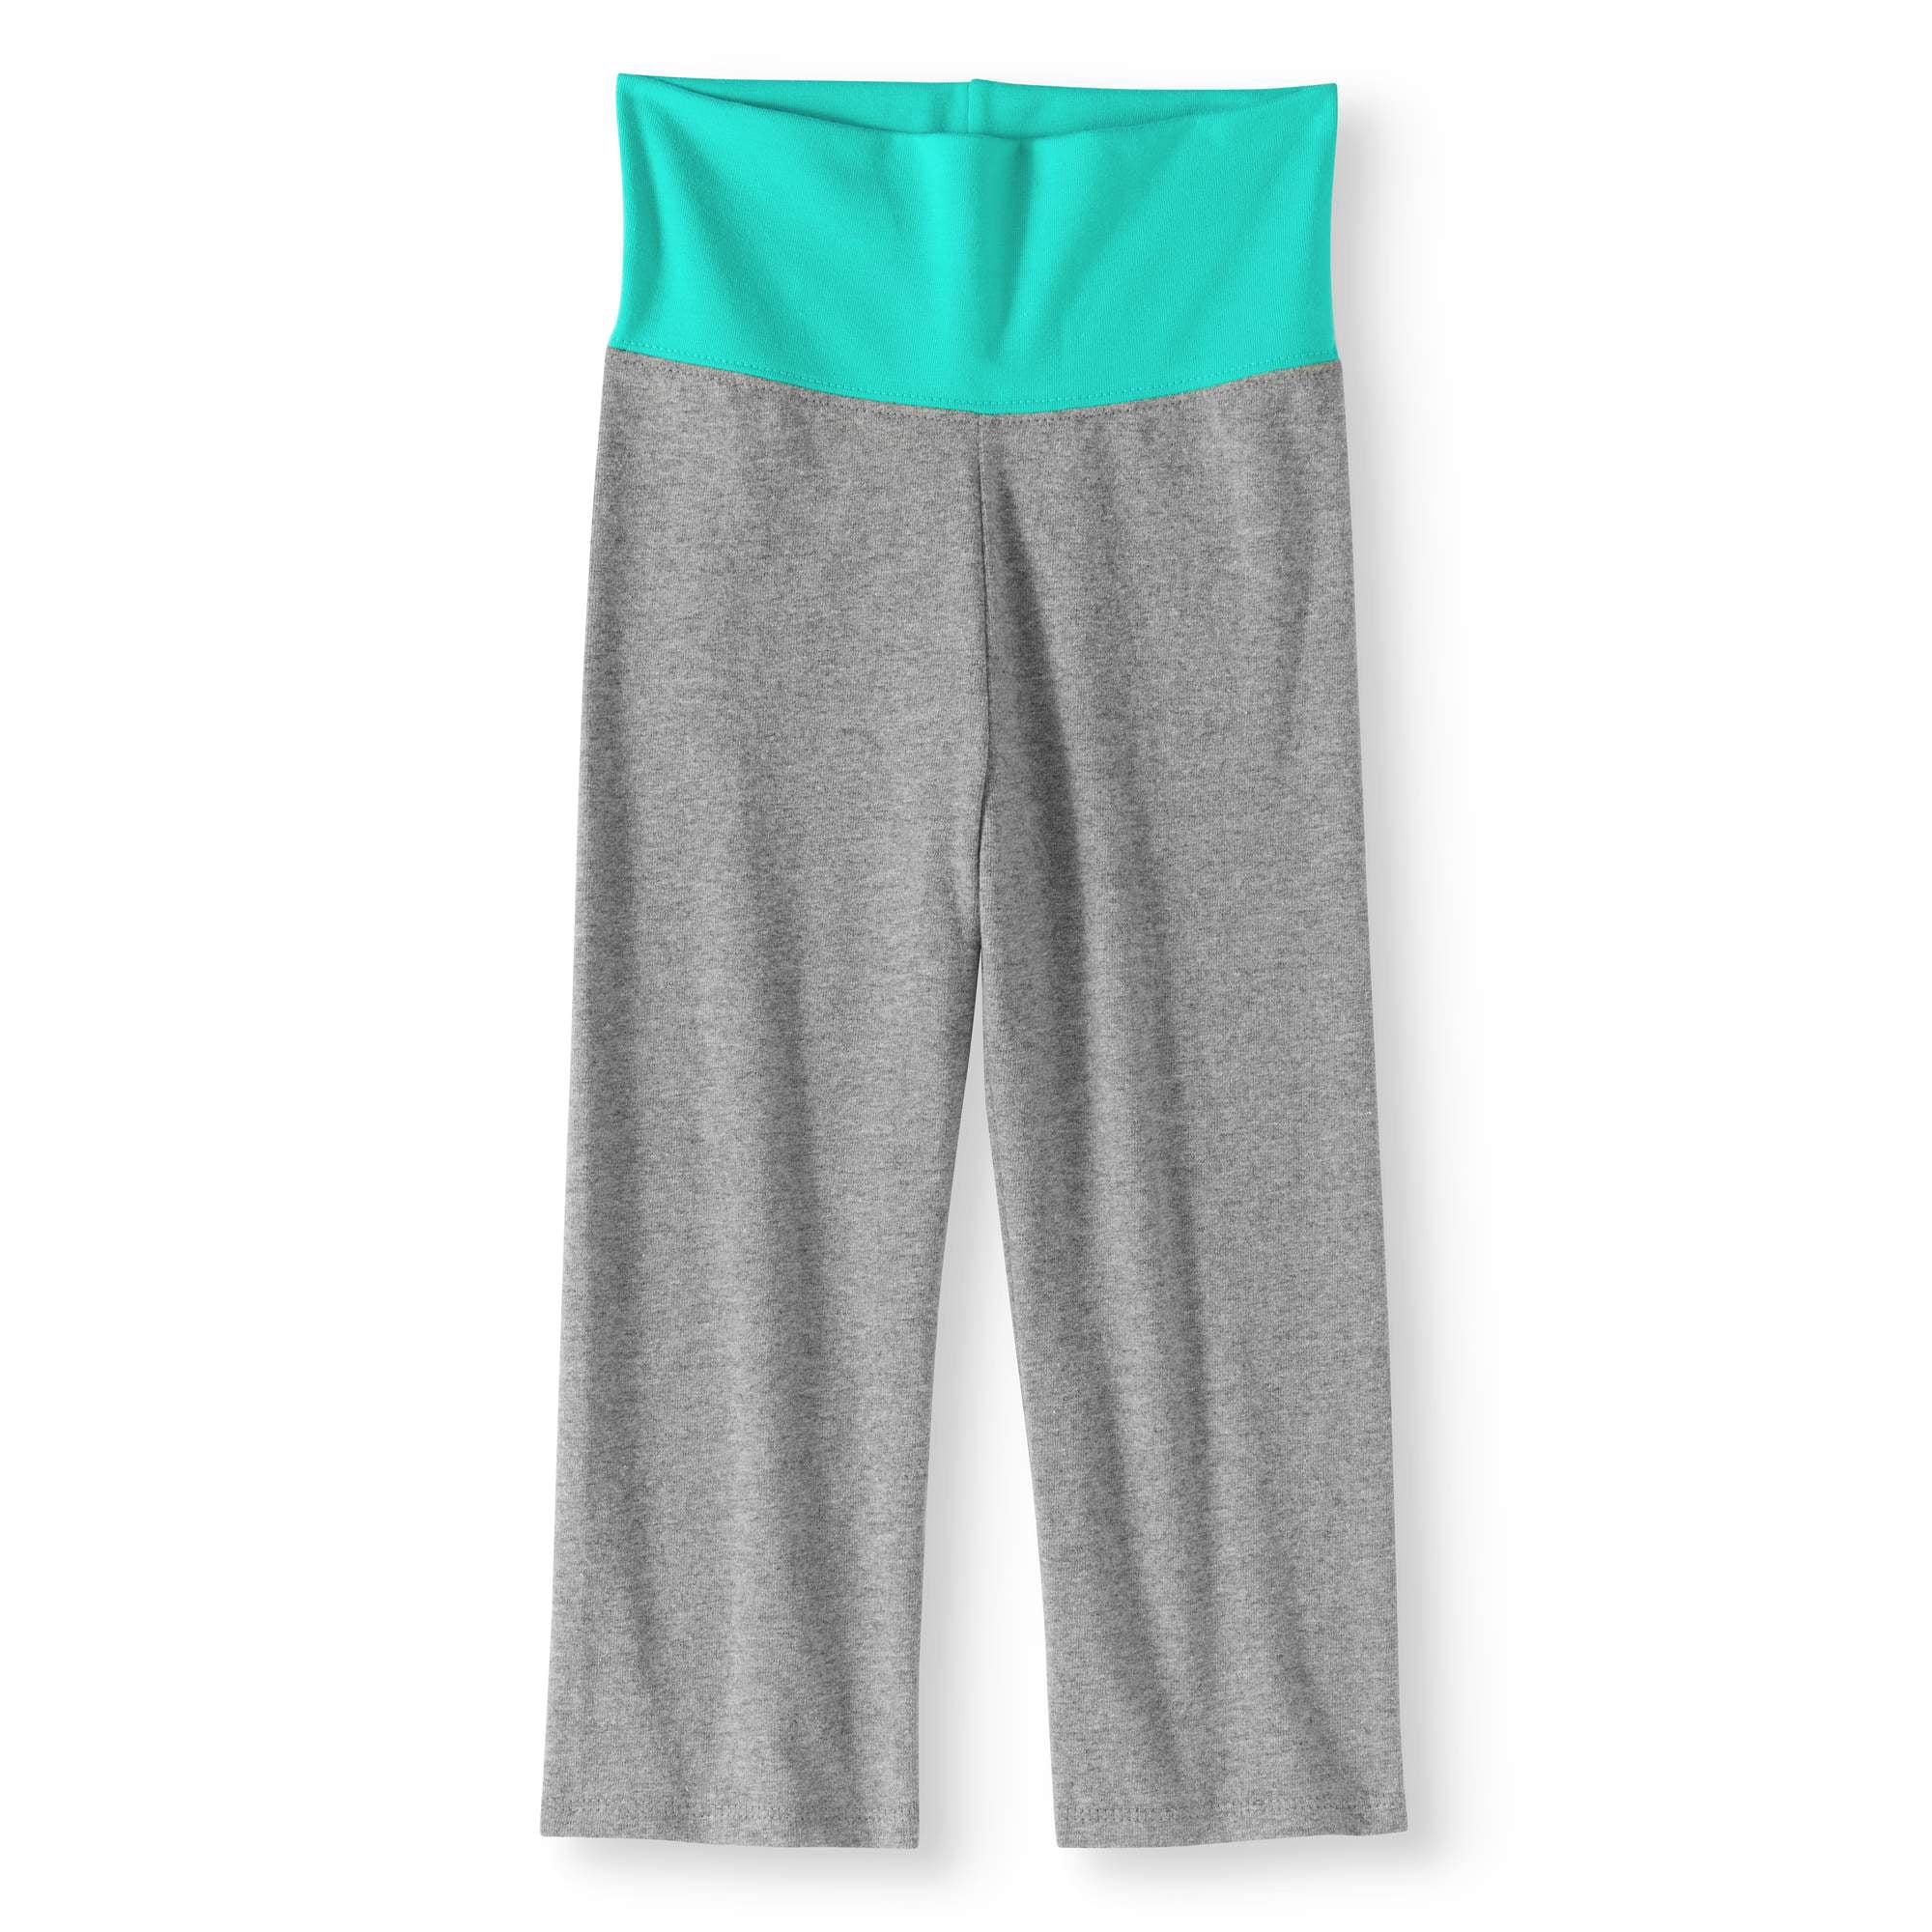 Baby Toddler Girls' Yoga Pants